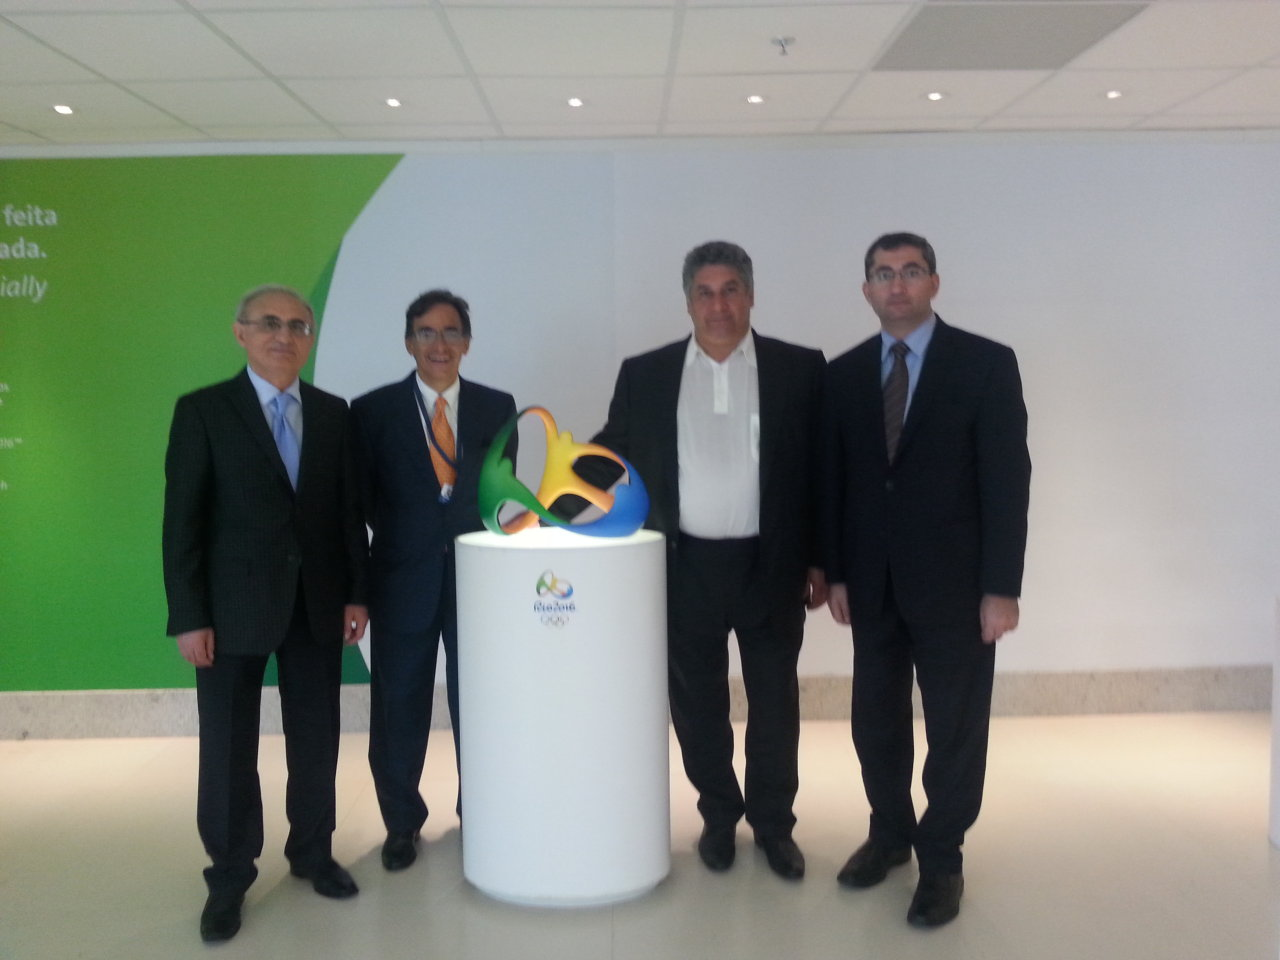 Azərbaycan Olimpiadanın təşkilində Braziliya təcrübəsindən istifadə edəcək (FOTO)